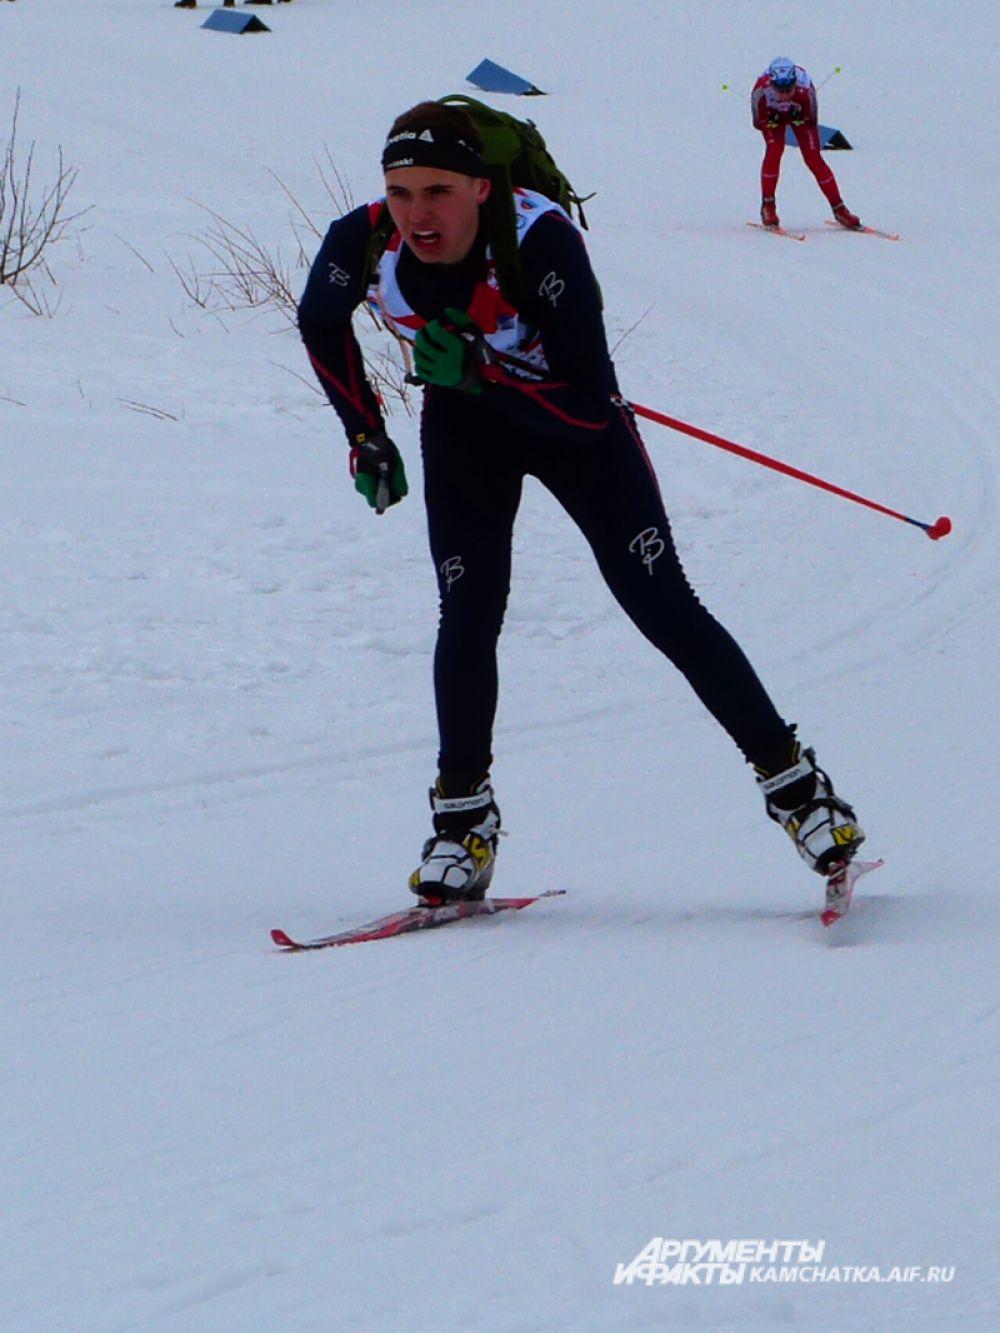 С 2005 года соревнования включены в календарь Международной Федерации лыжного спорта и являются одним из этапов Суперкубка России по лыжным марафонам Гран-при Russialoppet, право участия в котором предоставлено только пяти лучшим марафонам России, которых в настоящее время насчитывается более 50.